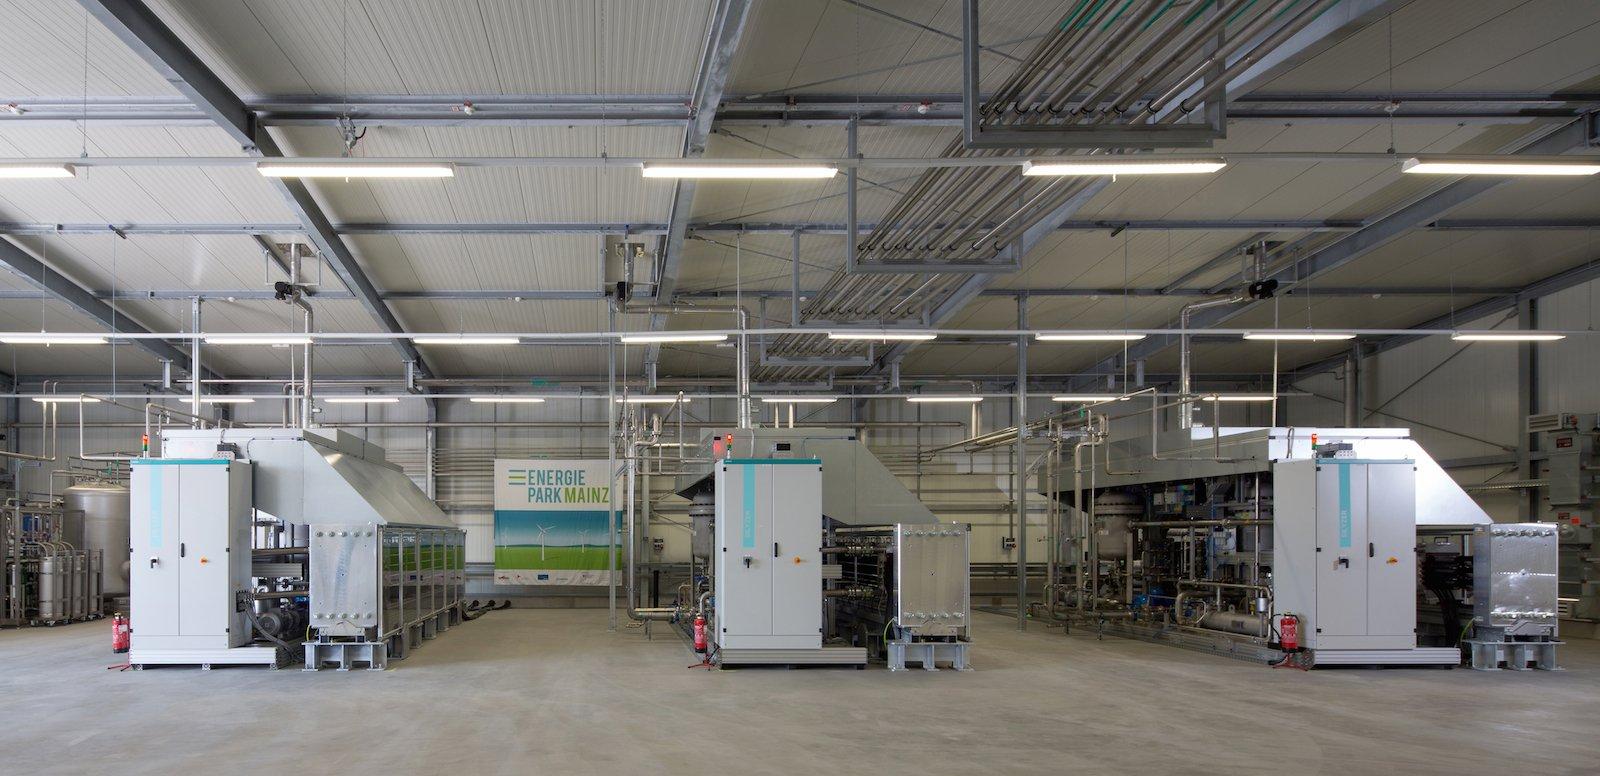 In der Elektrolysehalle erzeugt ein Wasserstoff-Elektrolysesystem von Siemens Wasserstoff aus Stromüberschüssen. Die PEM-Druckelektrolyse mit bis zu 6 MW Stromaufnahme ist weltweit die größte dieser Art. Der Energiepark hat damit die richtige Größe, um das Stromangebot kleinerer Windparks zu verstetigen.